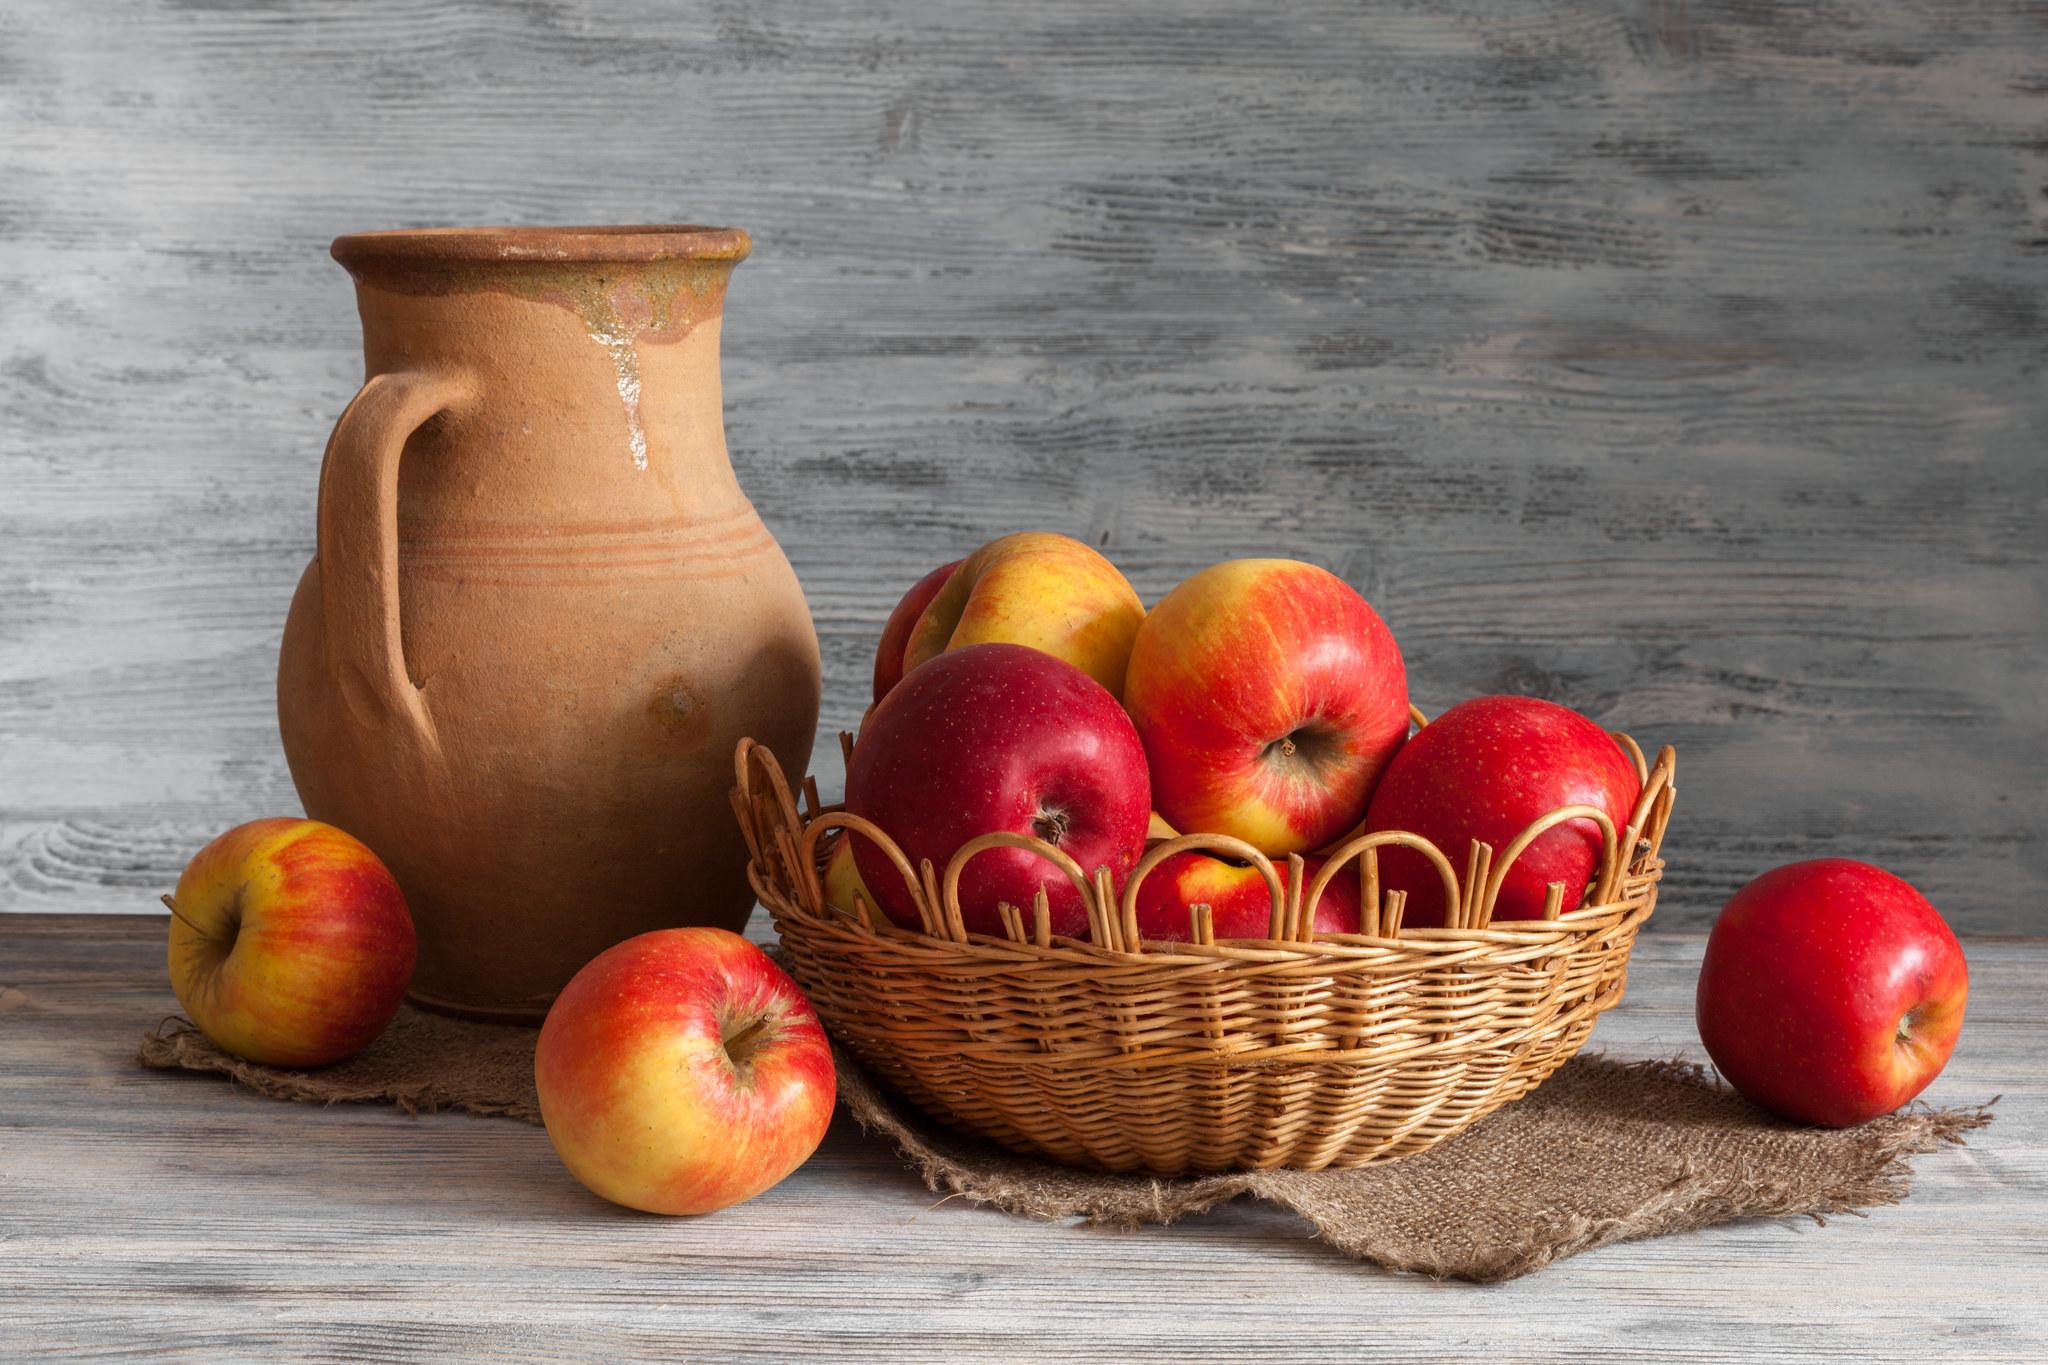 картинки натюрморт с кувшином и яблоком одно